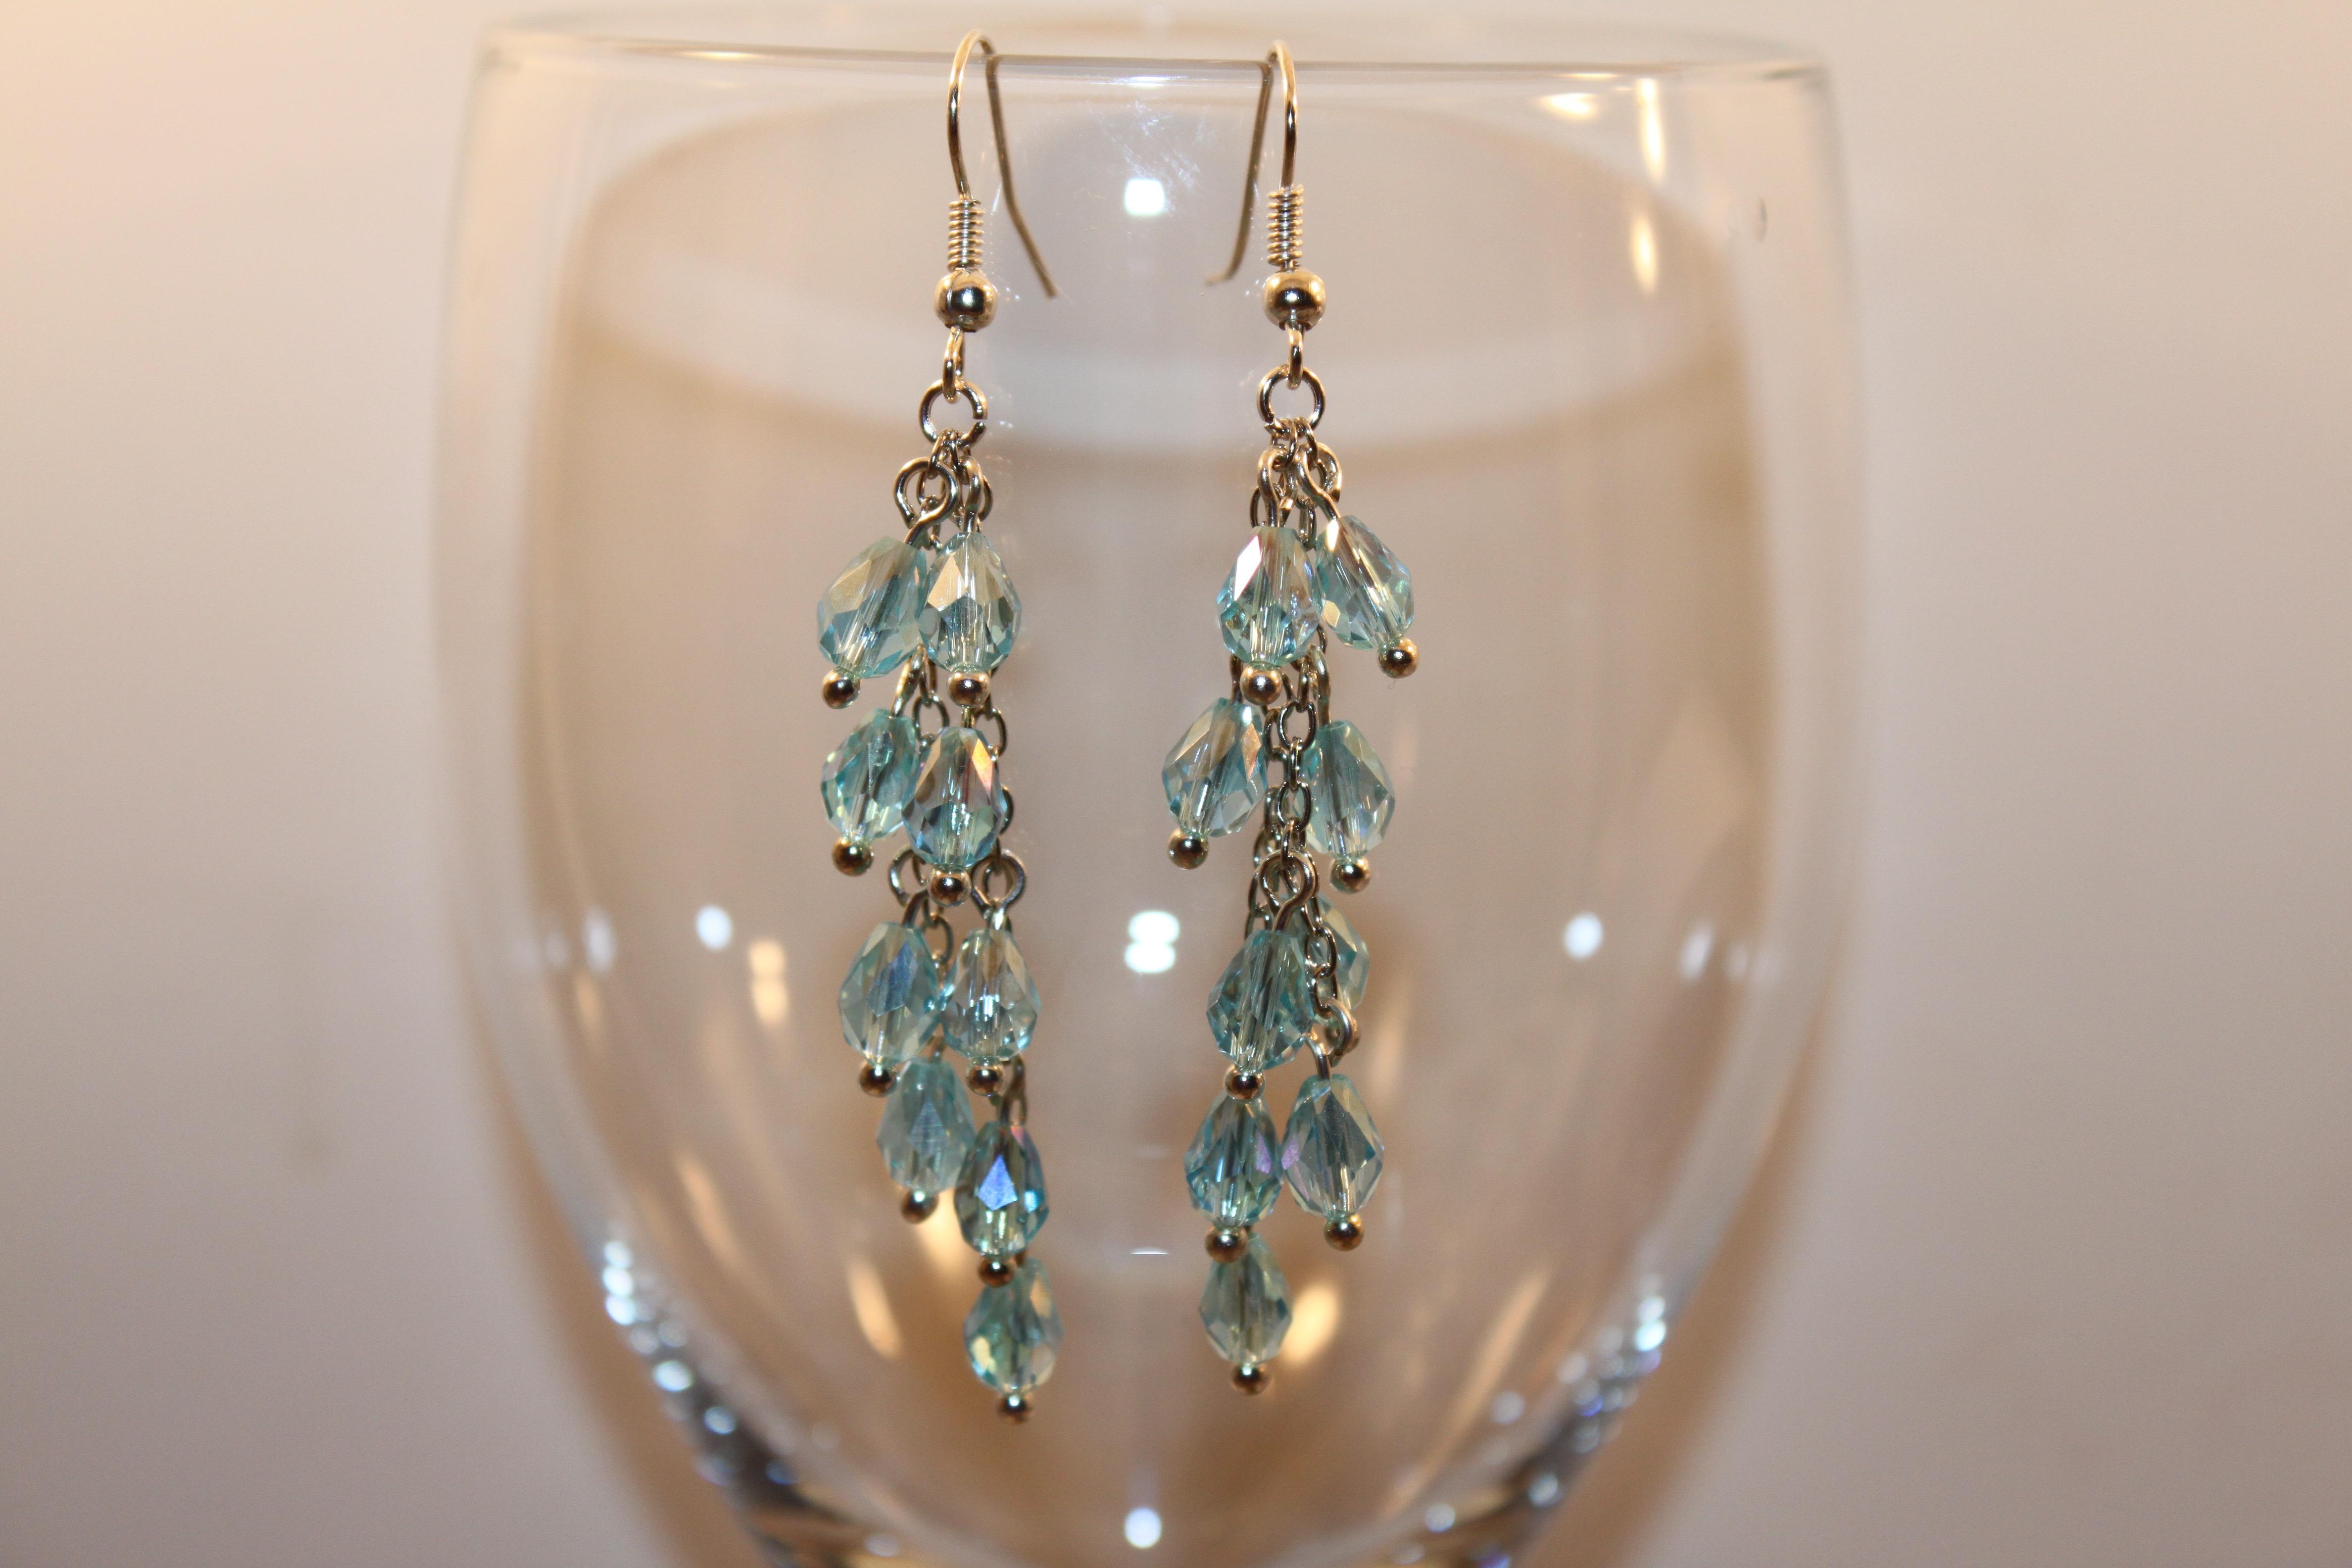 923a40f62df3 vaso talón iluminación arete joyería aretes accesorios belleza hermosa  cristal lujoso Accesorio de moda